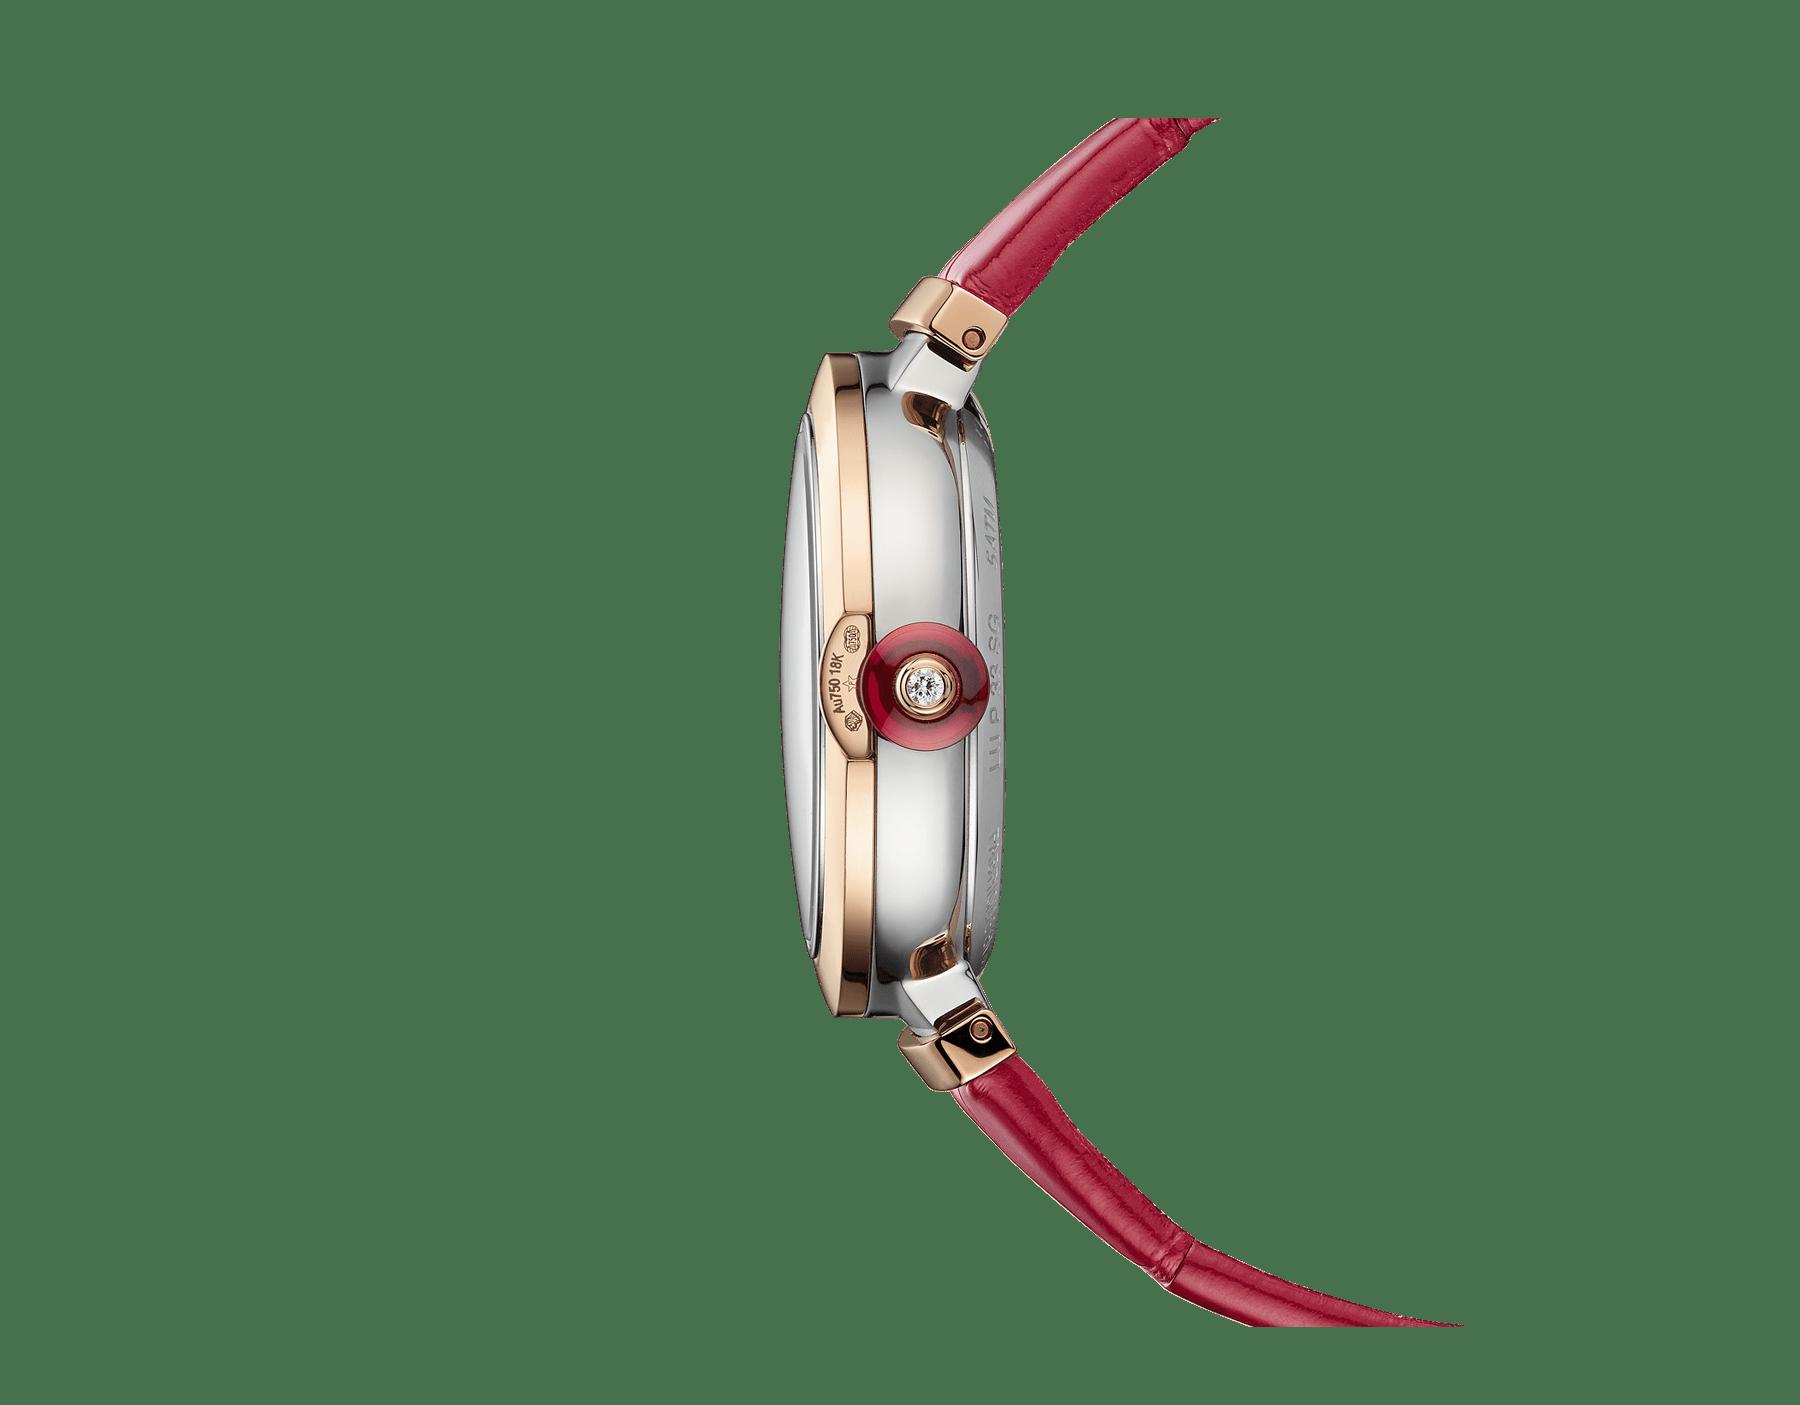 Relógio LVCEA Skeleton com movimento mecânico, corda automática e execução esqueletizada, caixa em aço, bezel em ouro rosa 18K, mostrador com logotipo BVLGARI em aço vazado cravejado com rubis e pulseira em couro de jacaré vermelho 103122 image 3